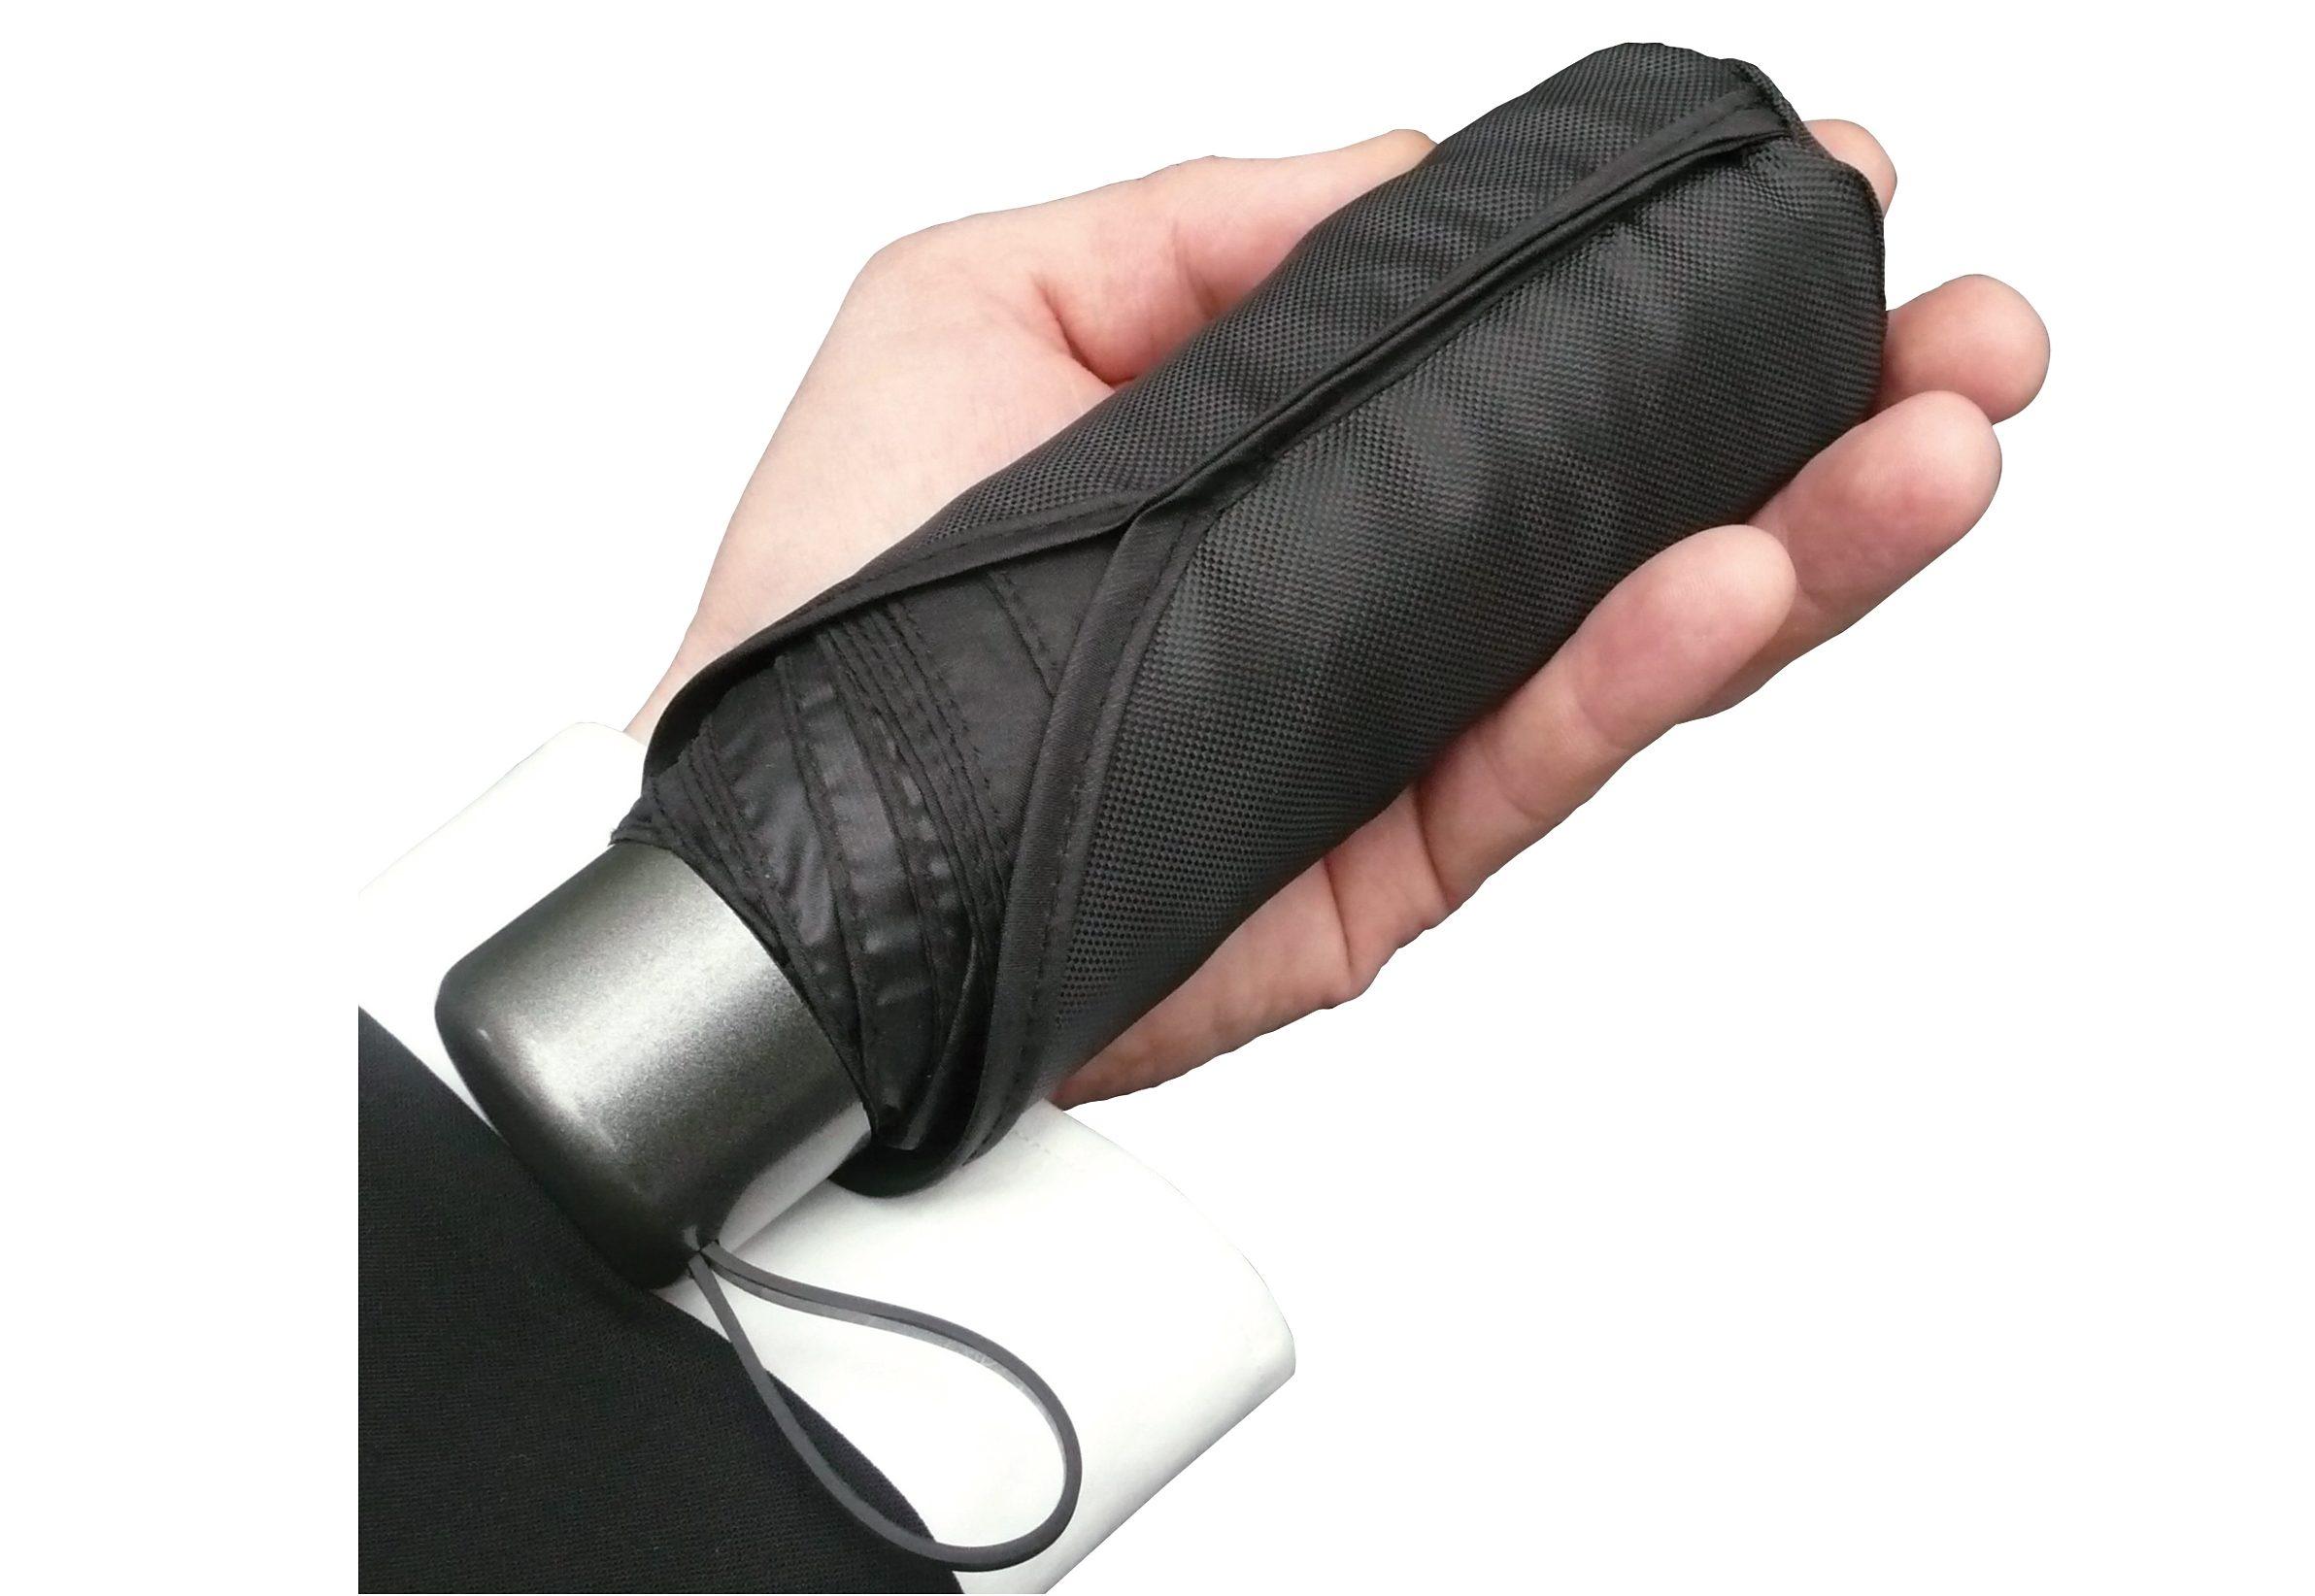 Euroschirm Taschenregenschirm ´´Der kleine Riese - Mini-Taschenschirm´´   Accessoires > Regenschirme > Sonstige Regenschirme   Schwarz   Glasfaser - Nylon - Polyester   Euroschirm